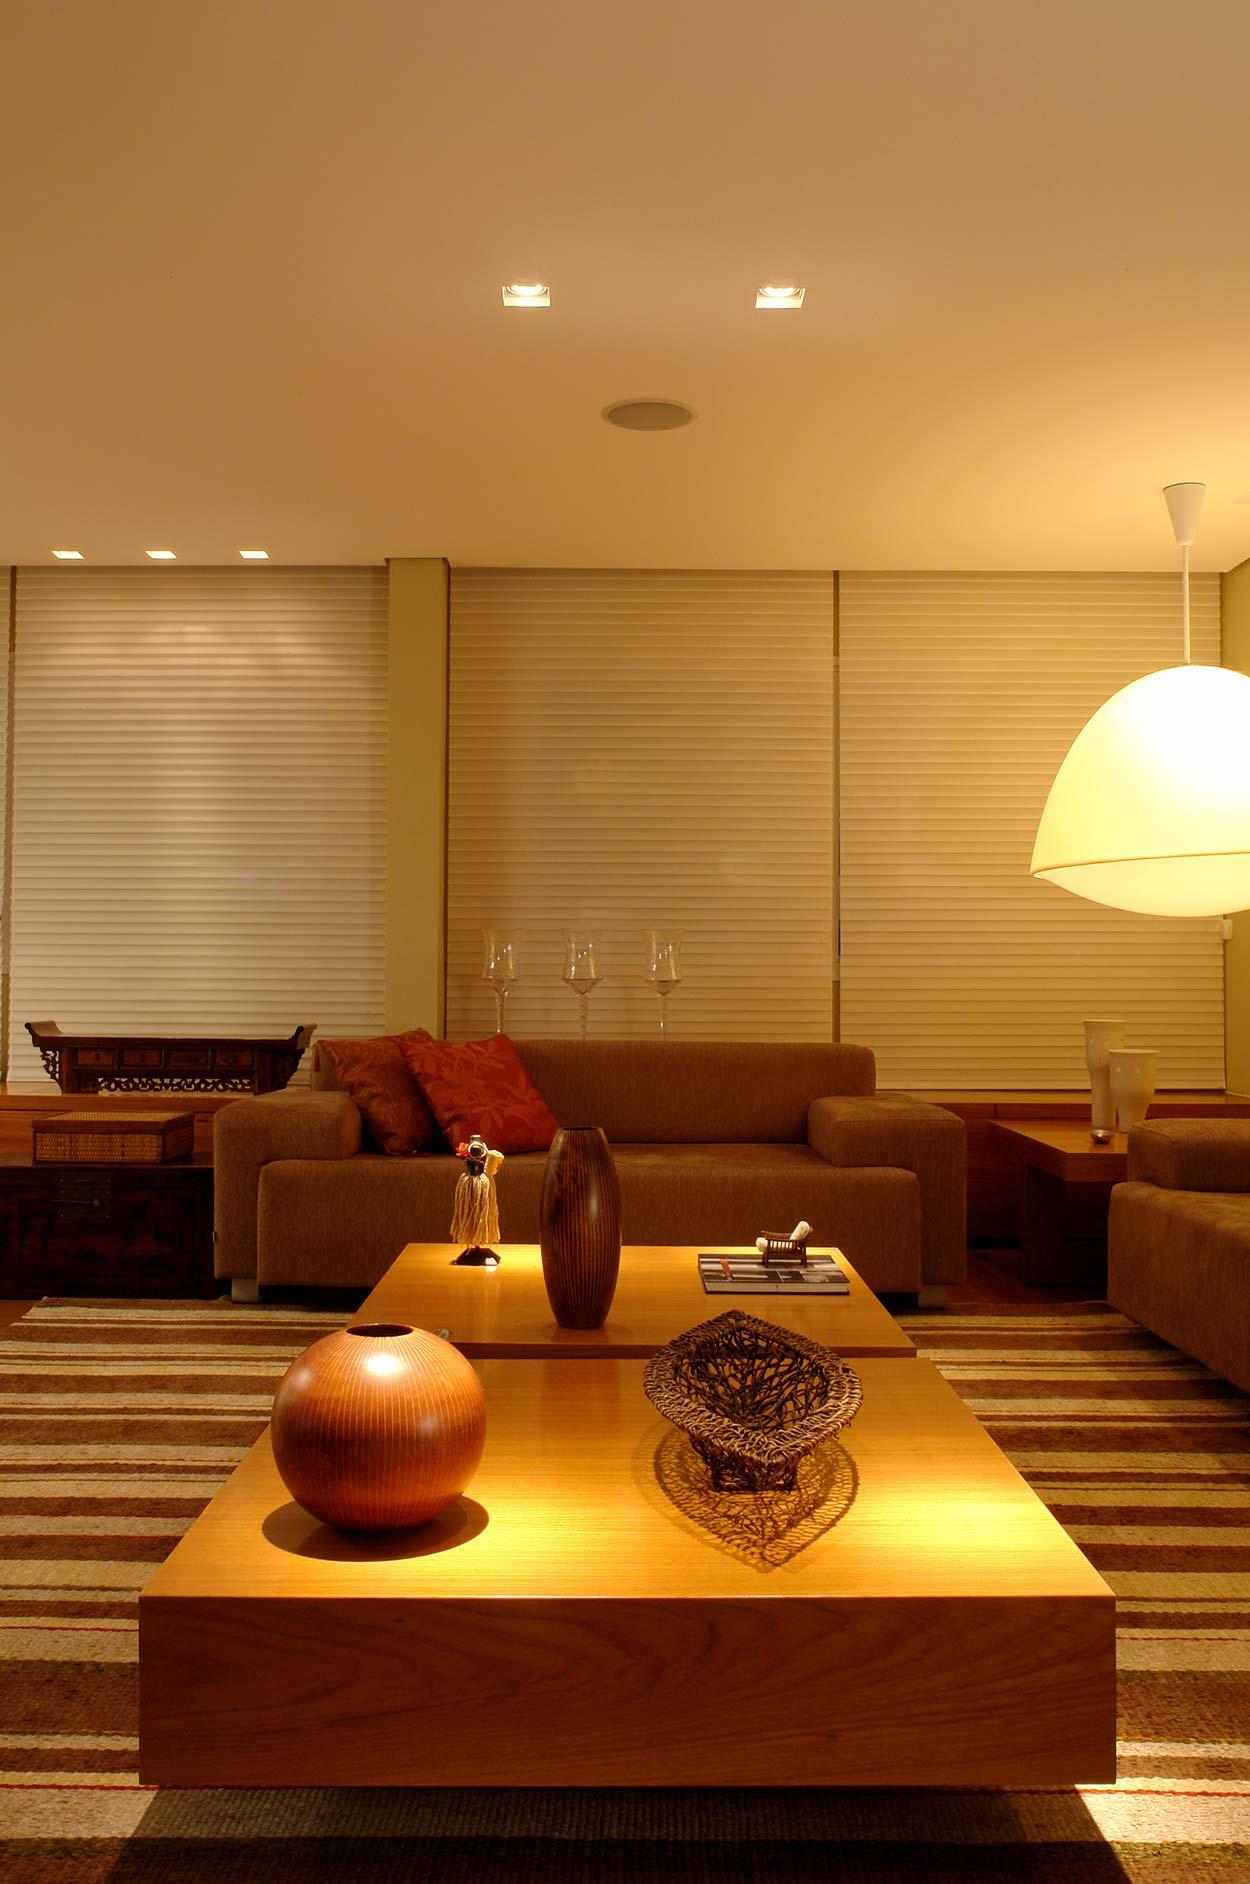 veridianaperes-interiores-residenciapp4